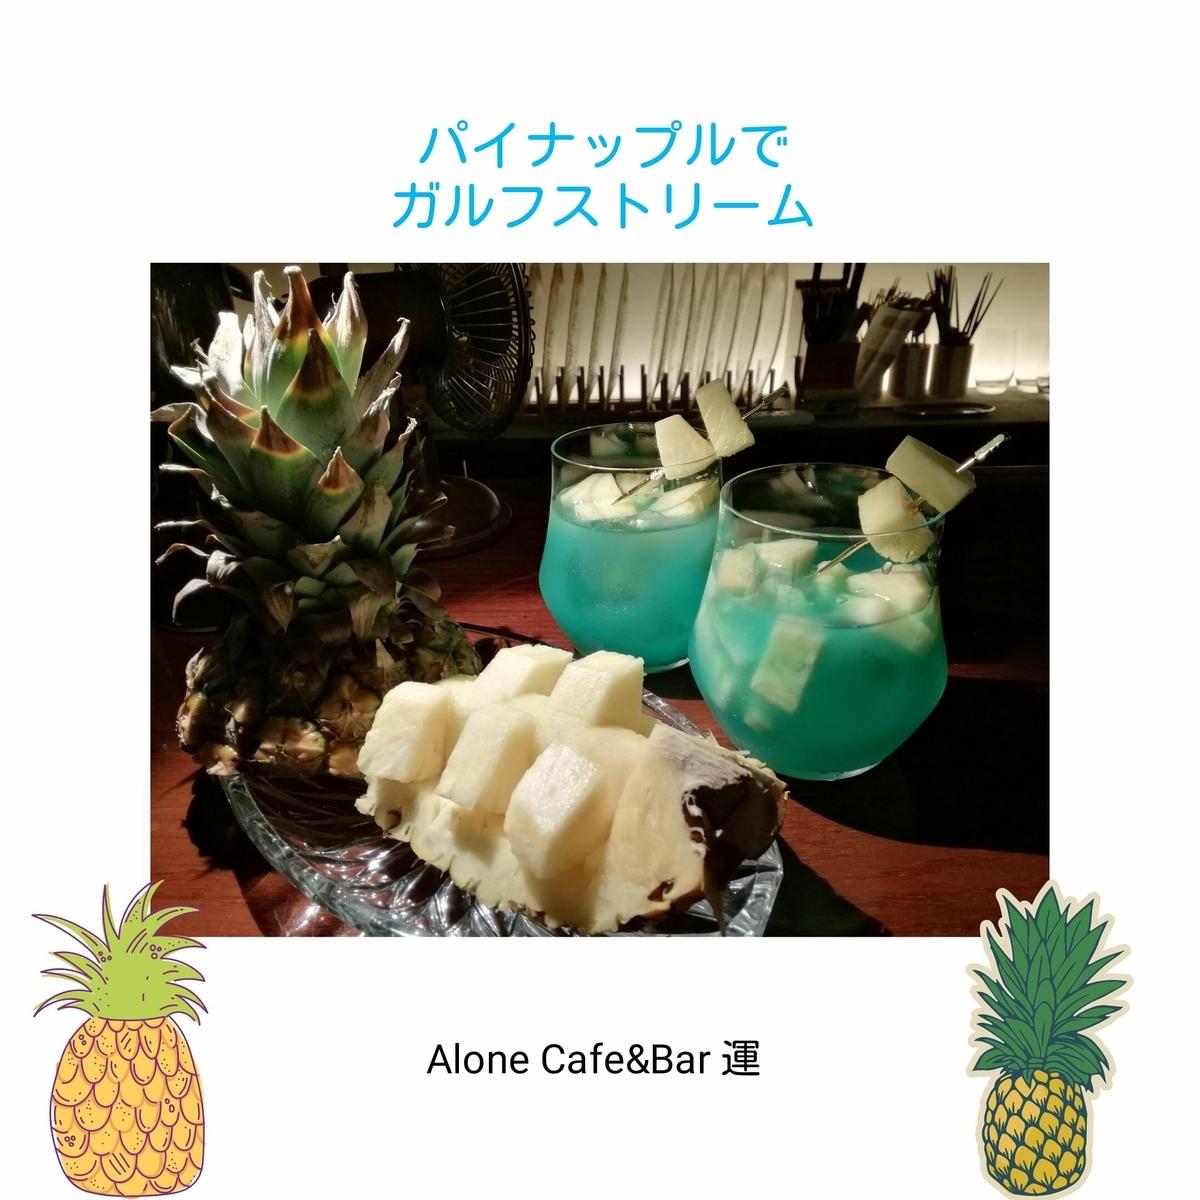 パイナップルを使ったカクテル「ガルフストリーム」大阪梅田昼飲みカフェバー【アローンカフェバー運】